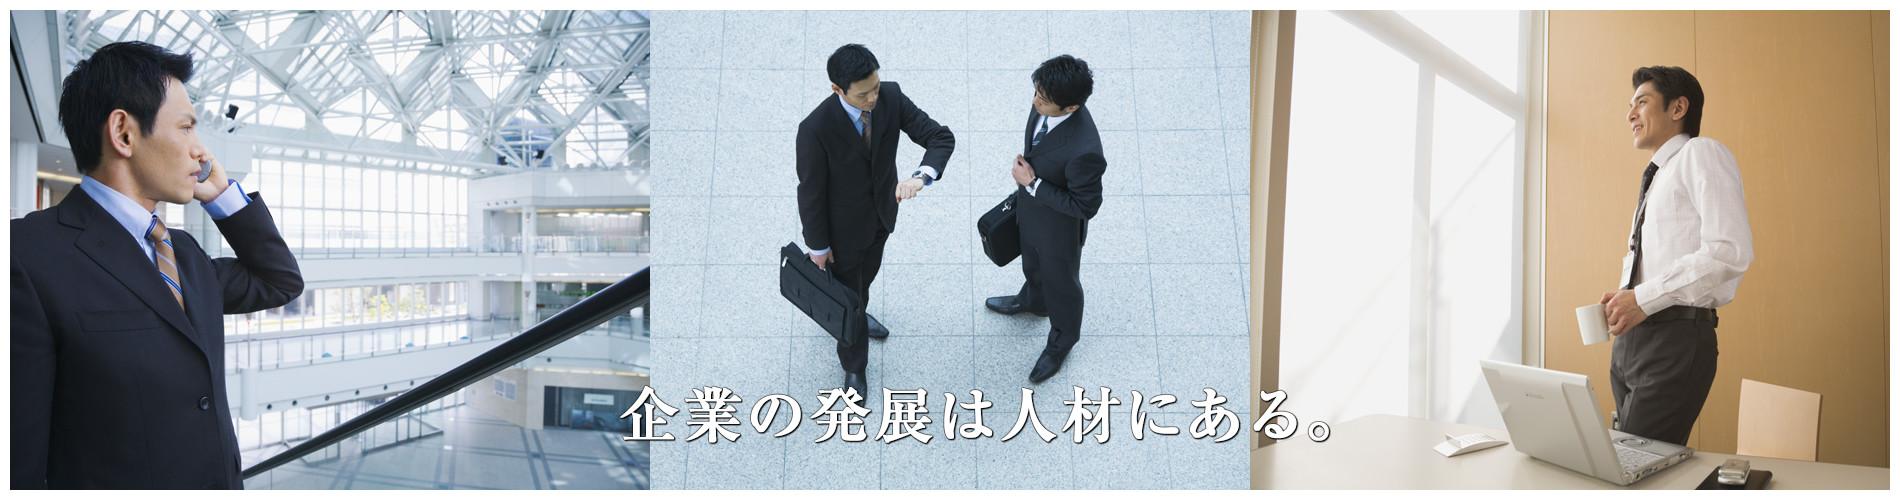 企業の発展は人材にある